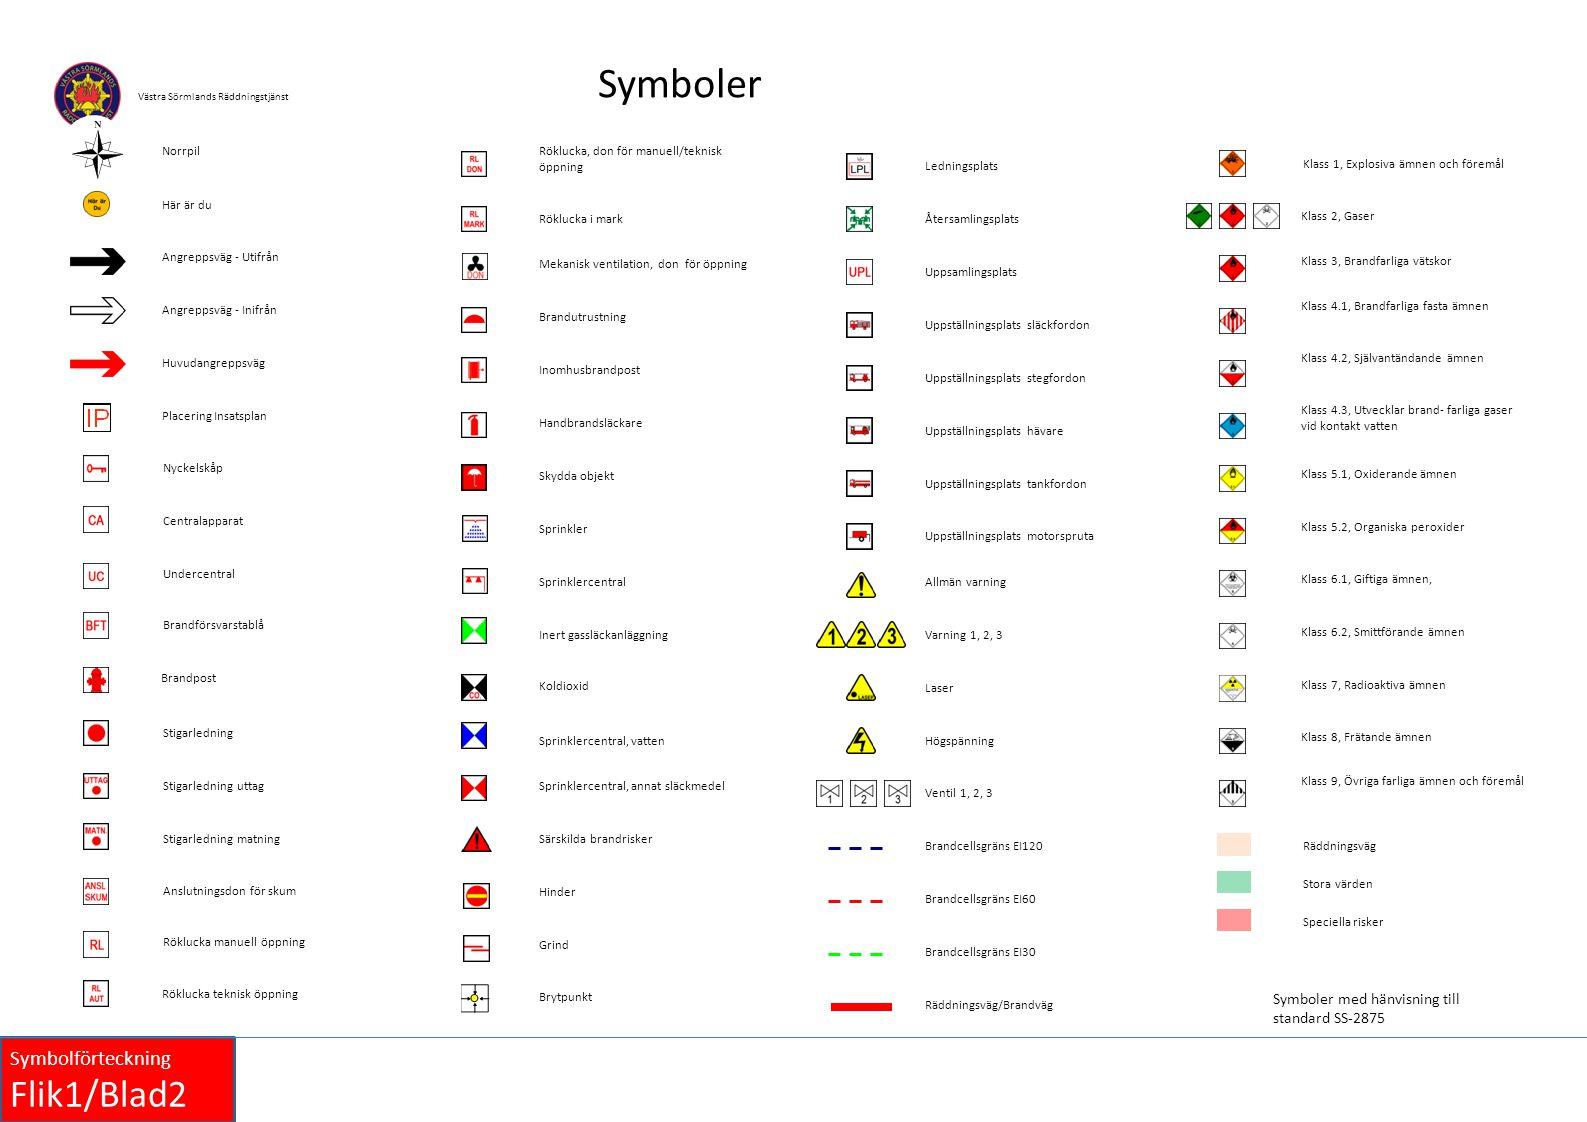 Symboler Norrpil. Röklucka, don för manuell/teknisk öppning. Ledningsplats. Klass 1, Explosiva ämnen och föremål.